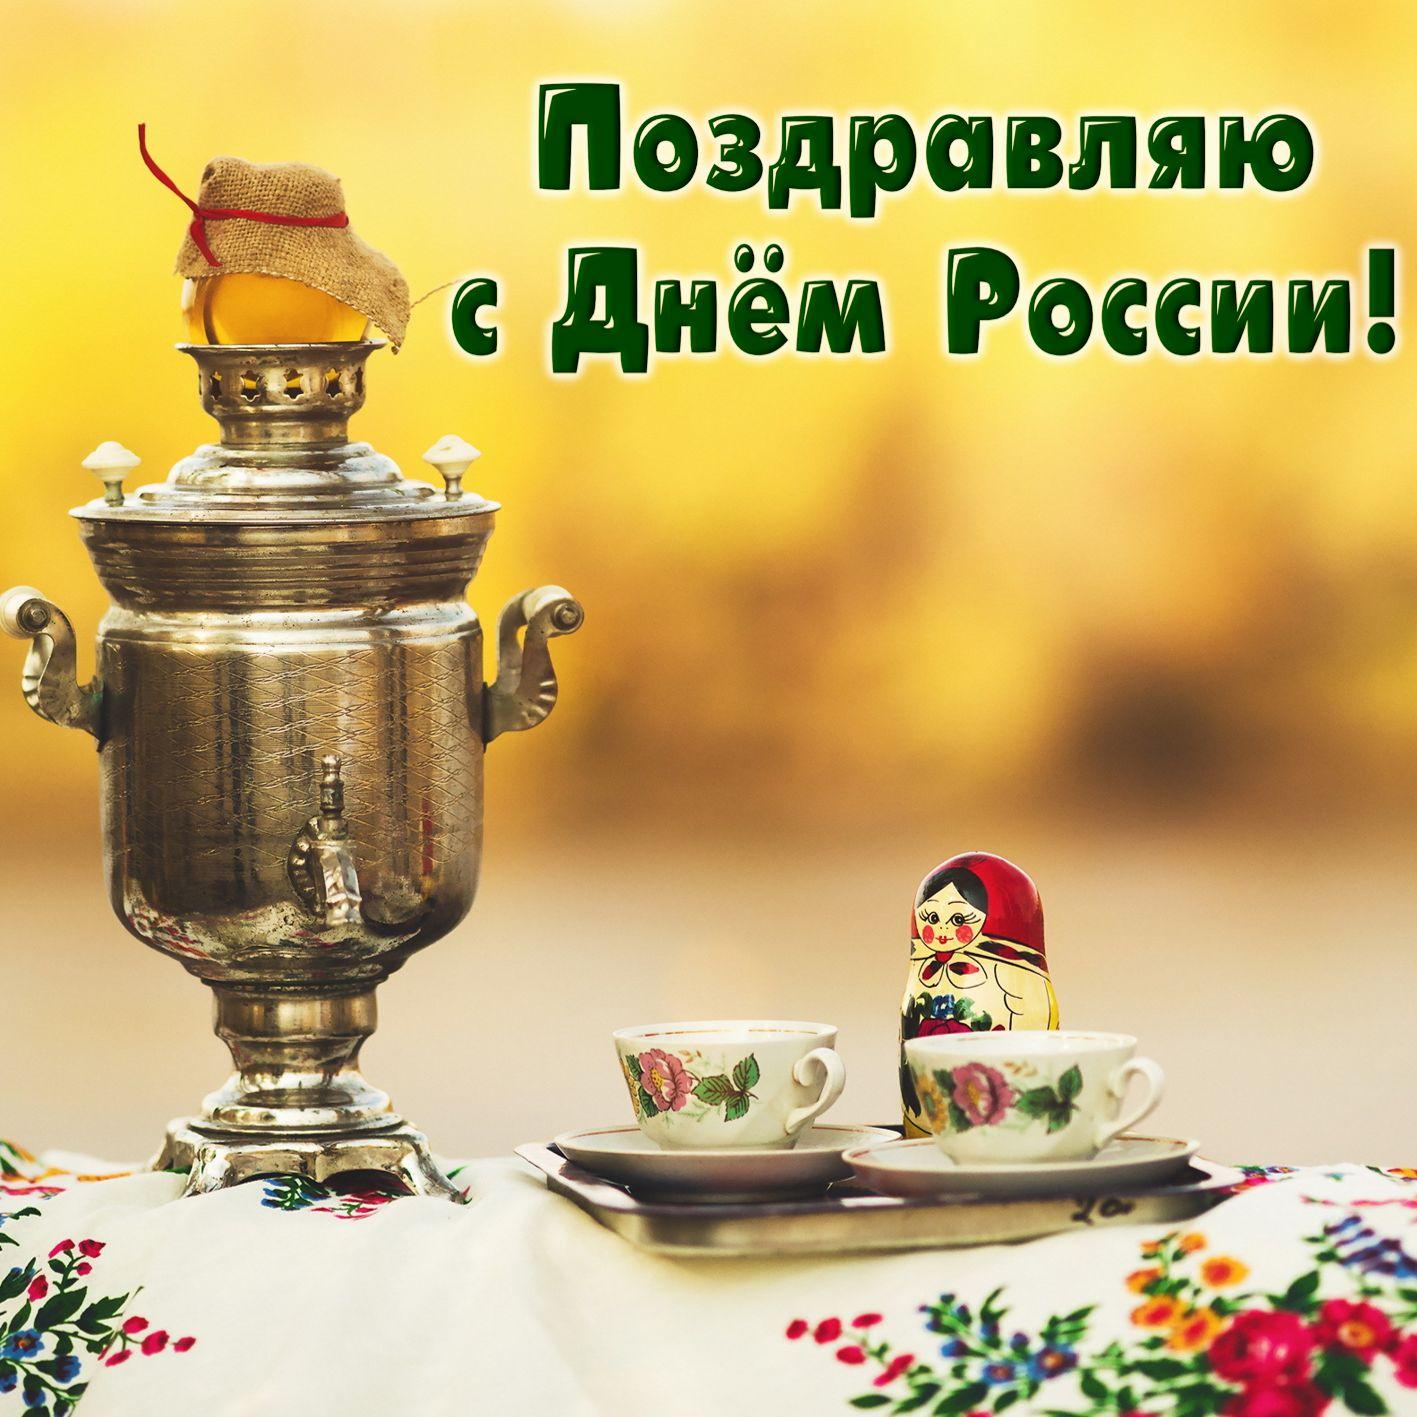 Открытка с самоваром и матрёшкой на День России